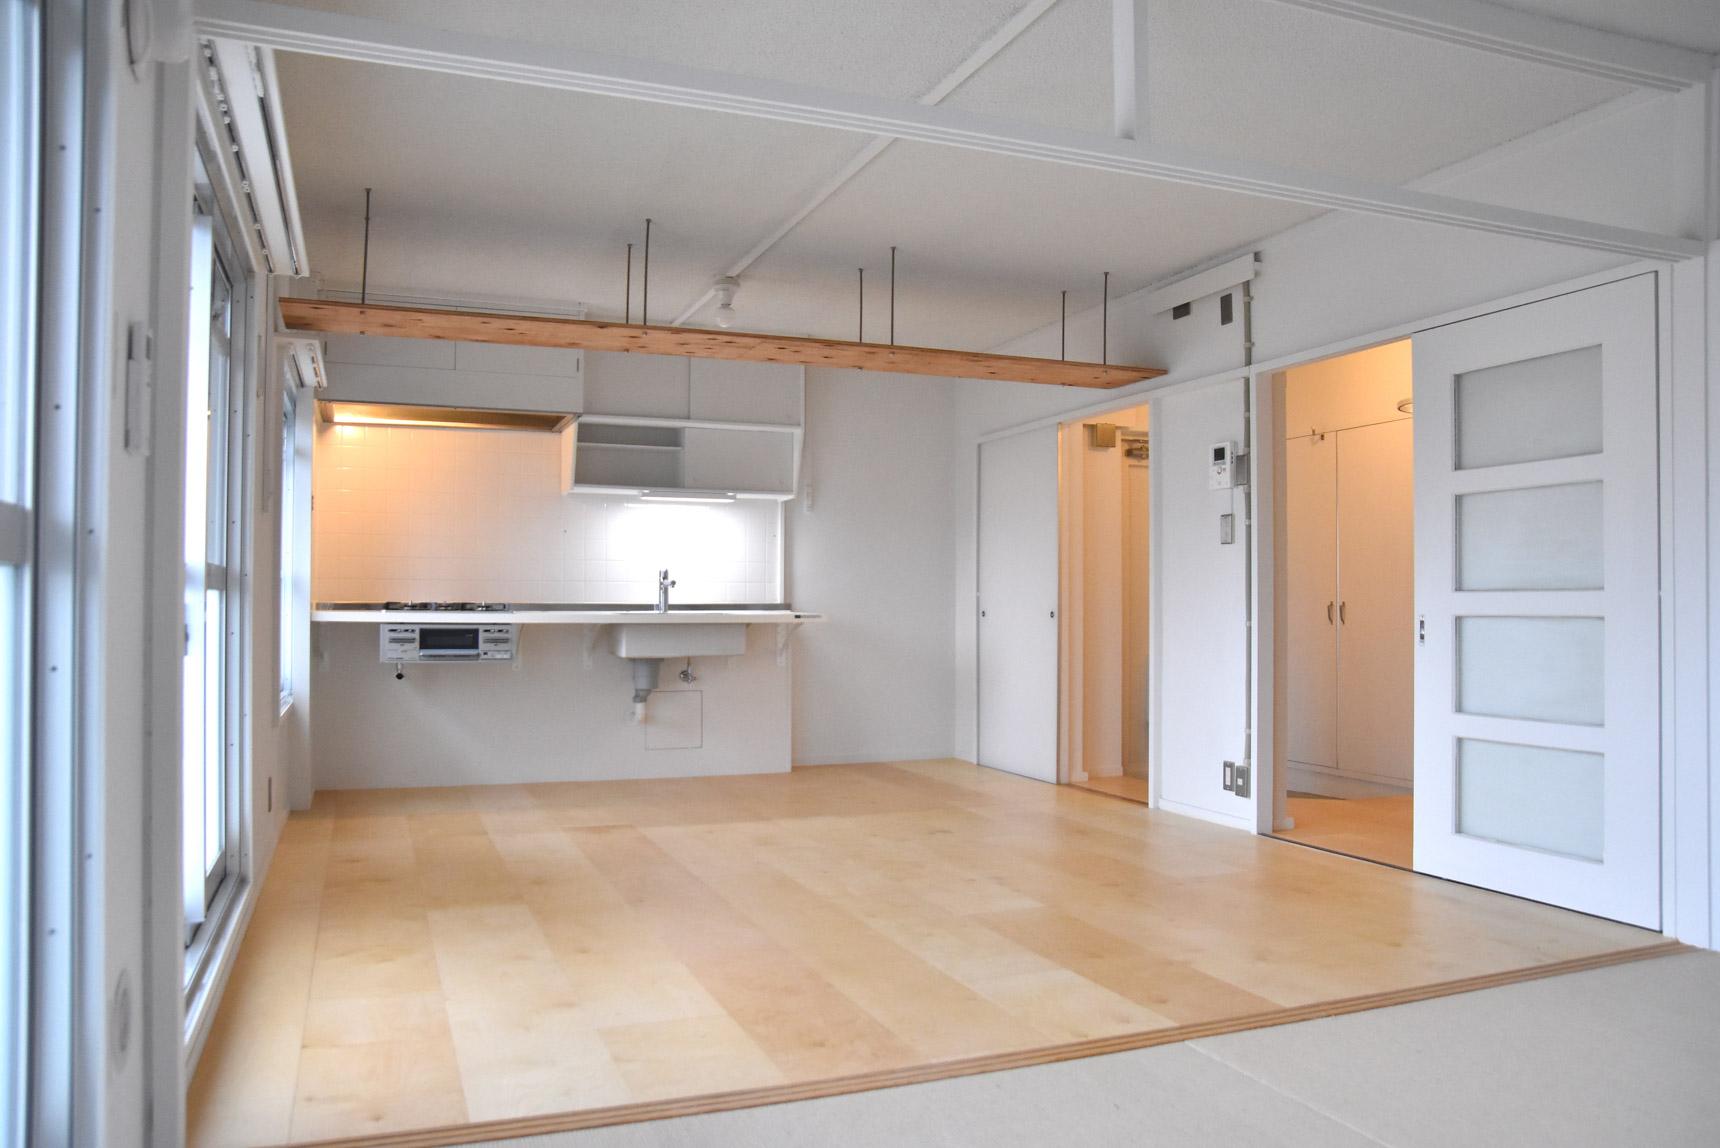 こちらは、白樺材を用いたやわらかい印象のお部屋。